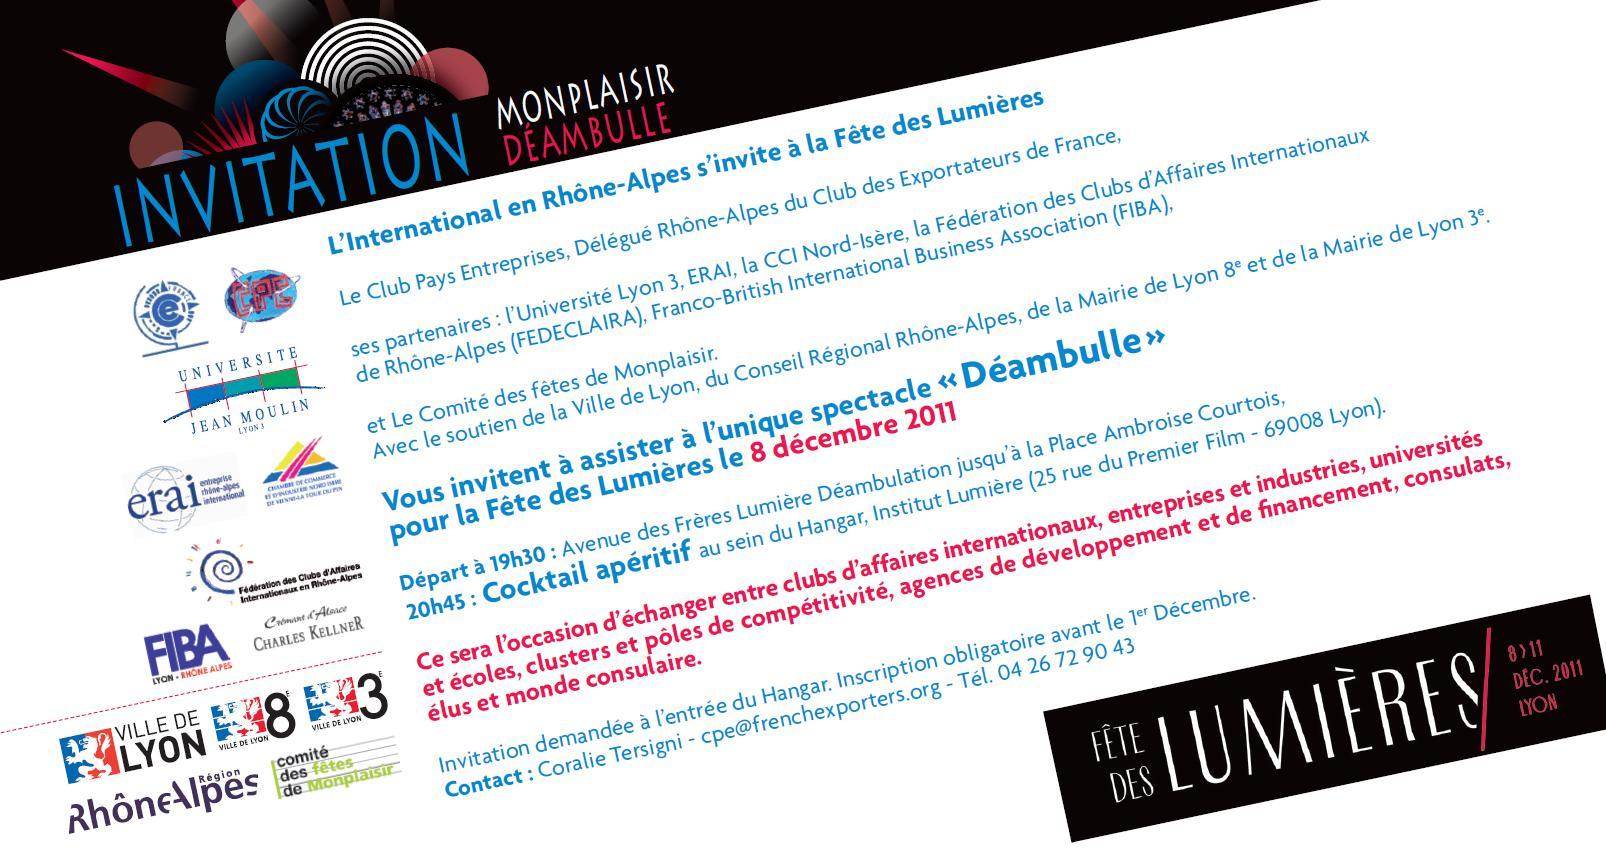 http://sd-1.archive-host.com/membres/up/74246655422882315/CPE_2011/invitation_8_decembre_2011.JPG